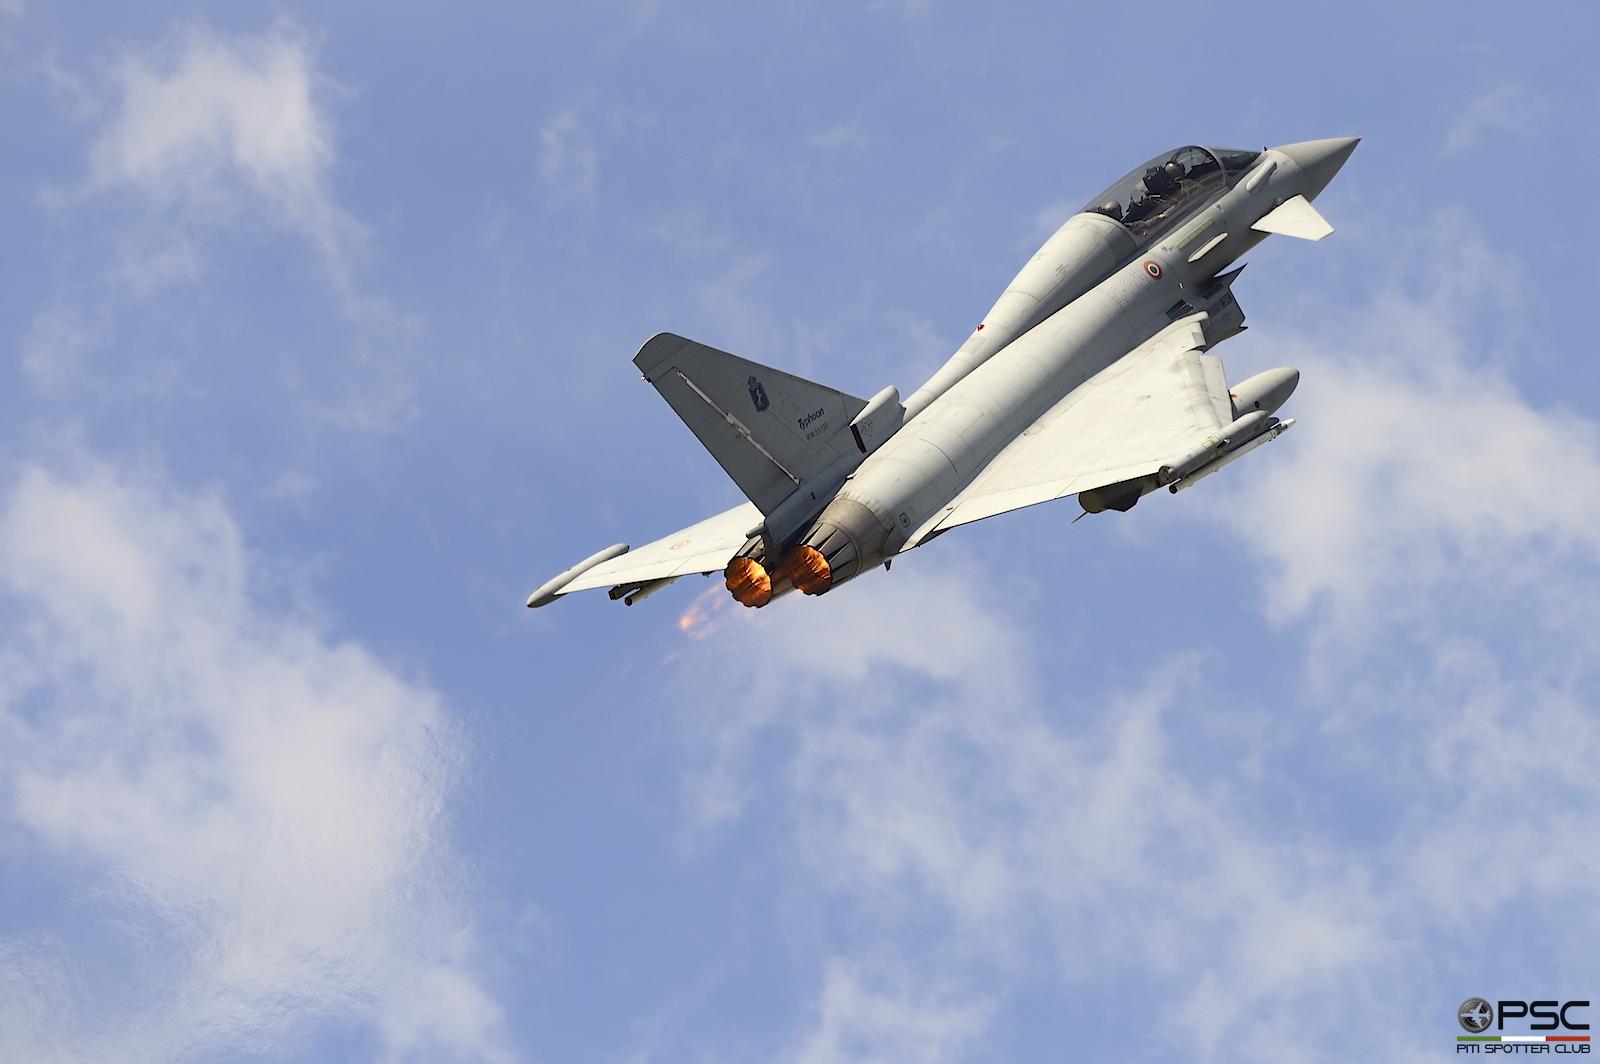 Dopo il passaggio di un Tornado basato a Ghedi (6-11 MM7058) si sono levati in volo due Typhoon di Grosseto, atterrati a Villa il pomeriggio precedente.